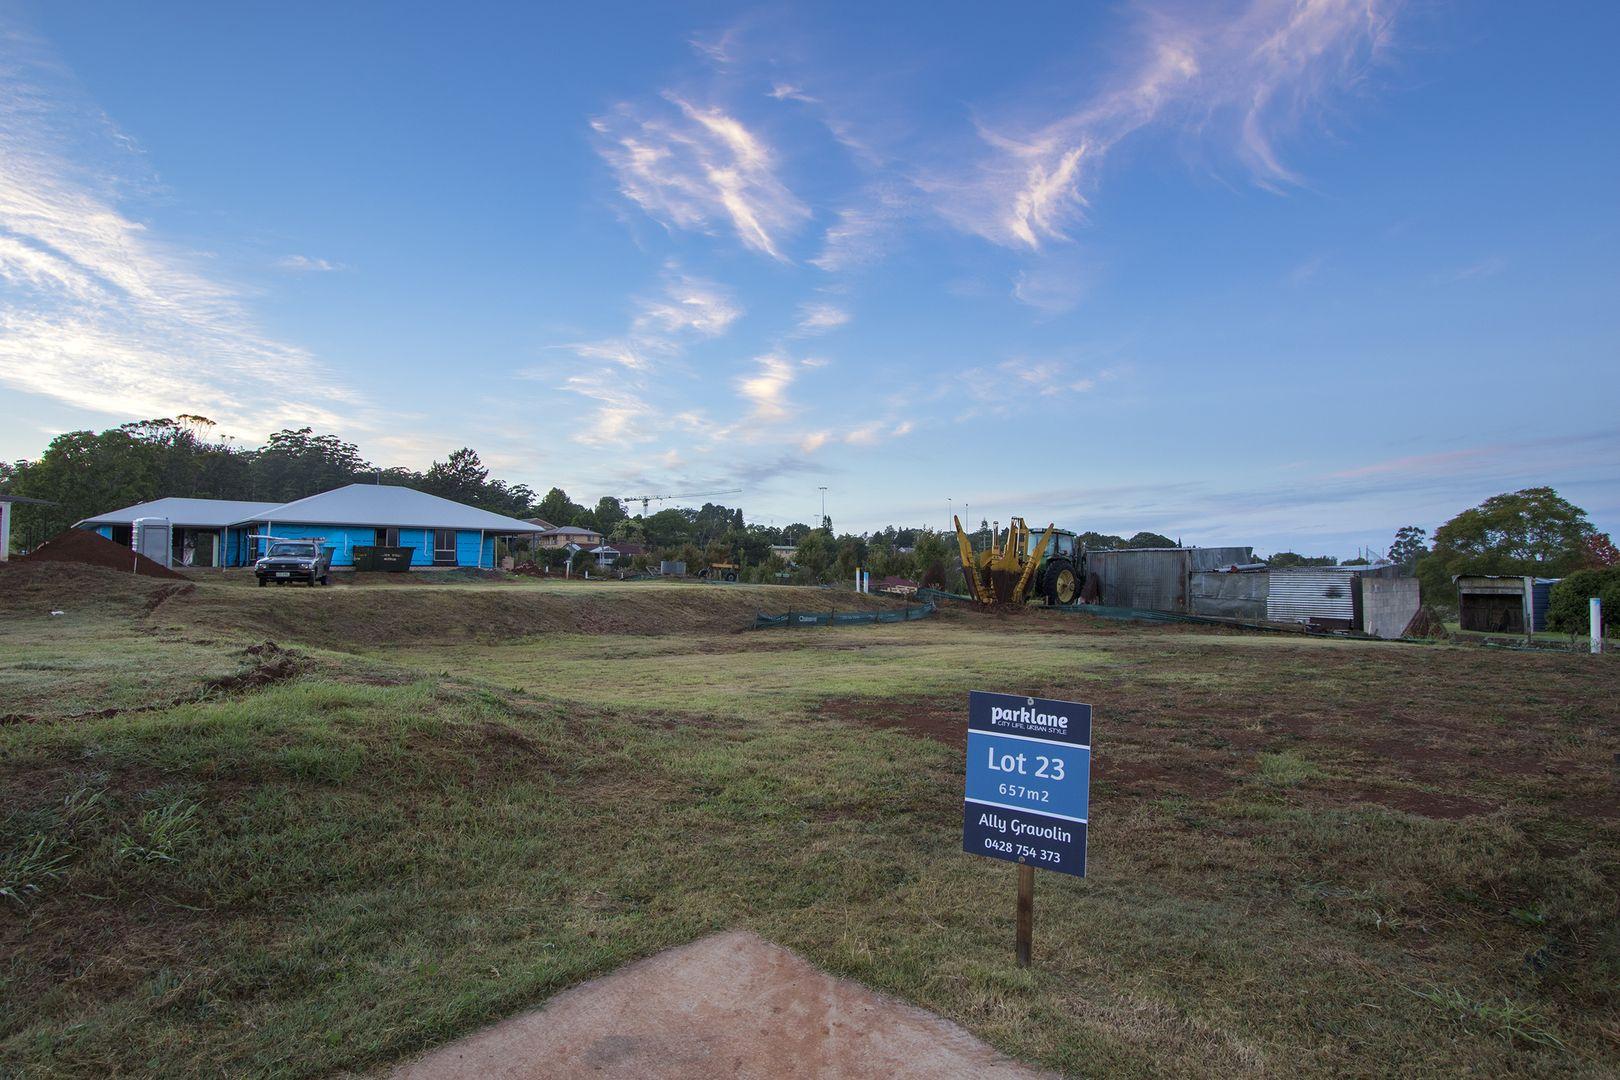 Lot 23 Pascoe Lane, Harlaxton QLD 4350, Image 0